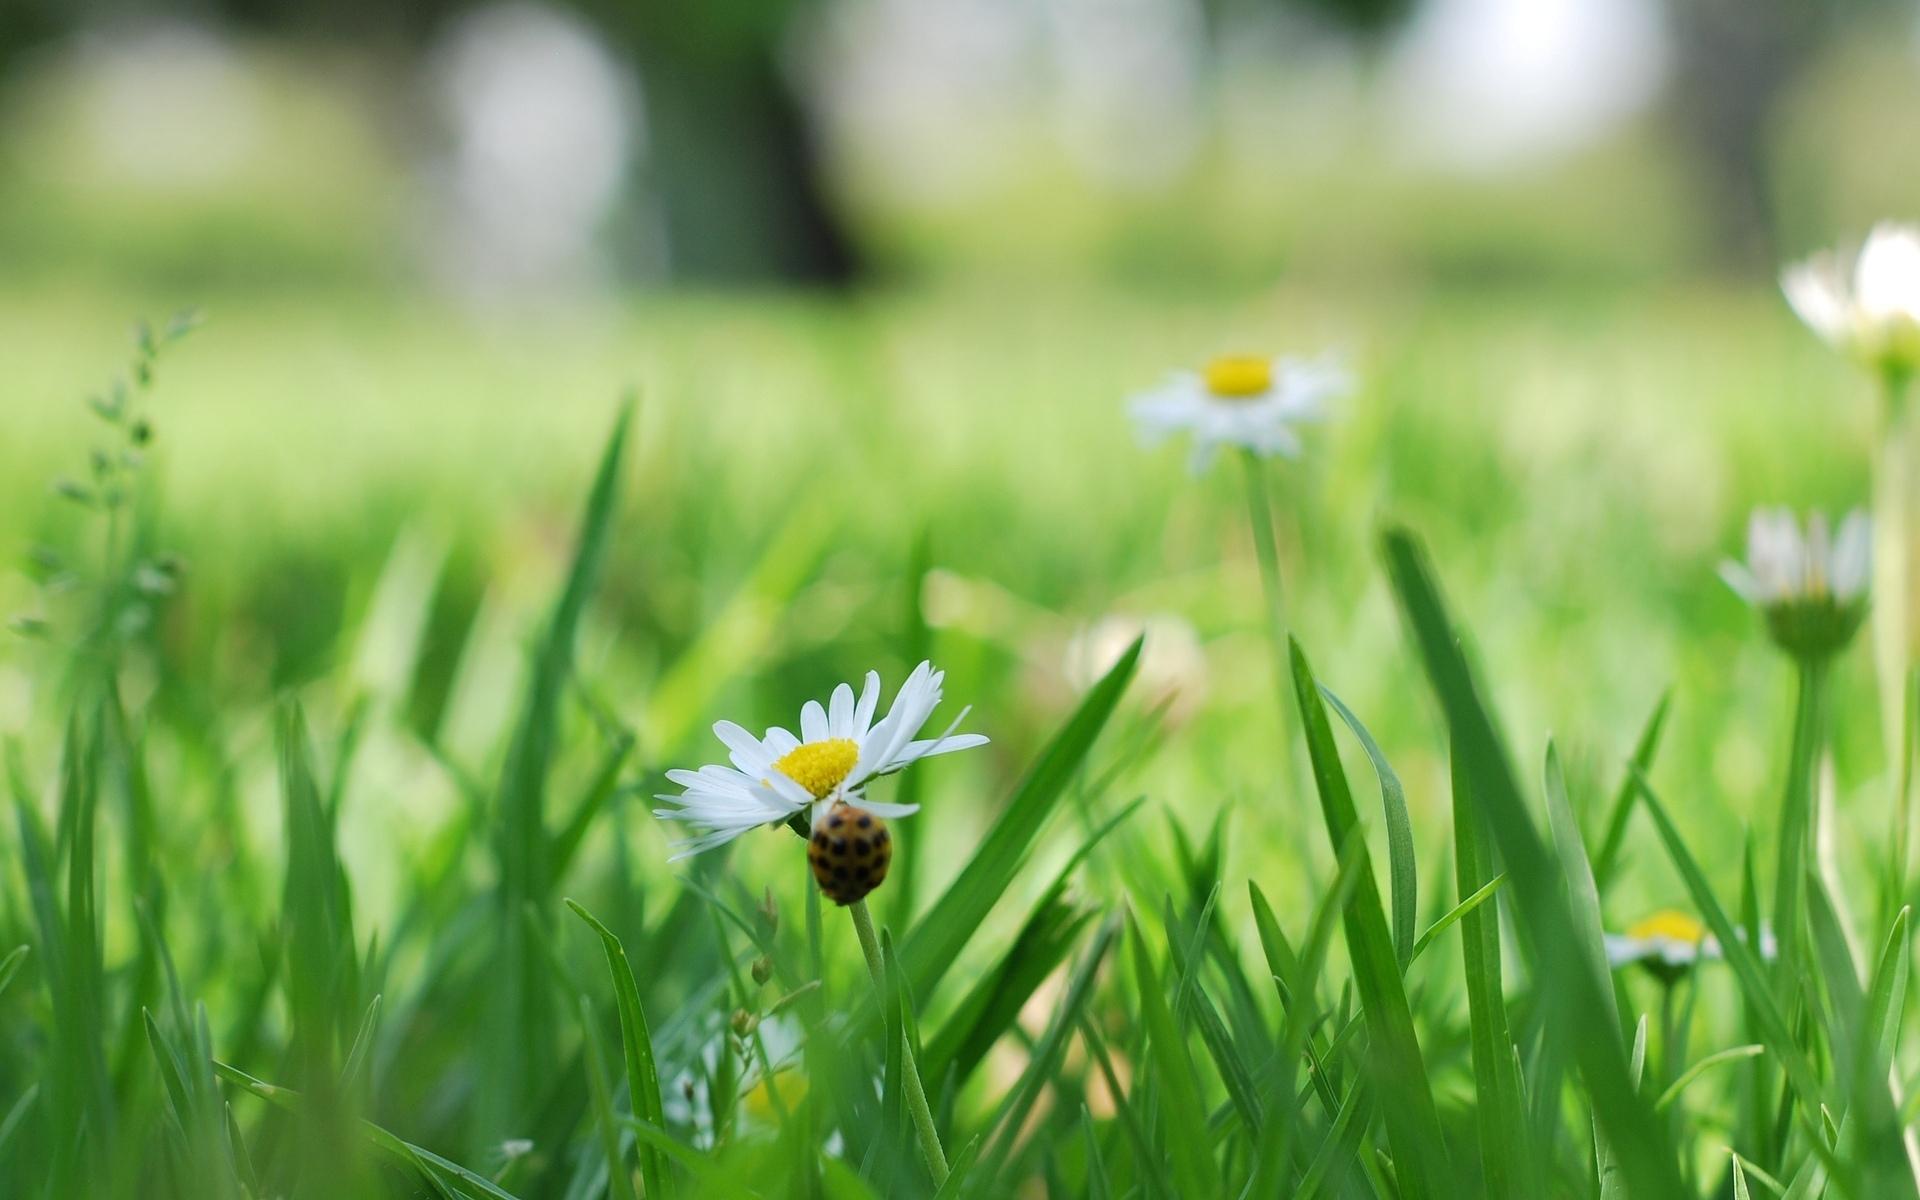 фото цветов в траве интерьерная